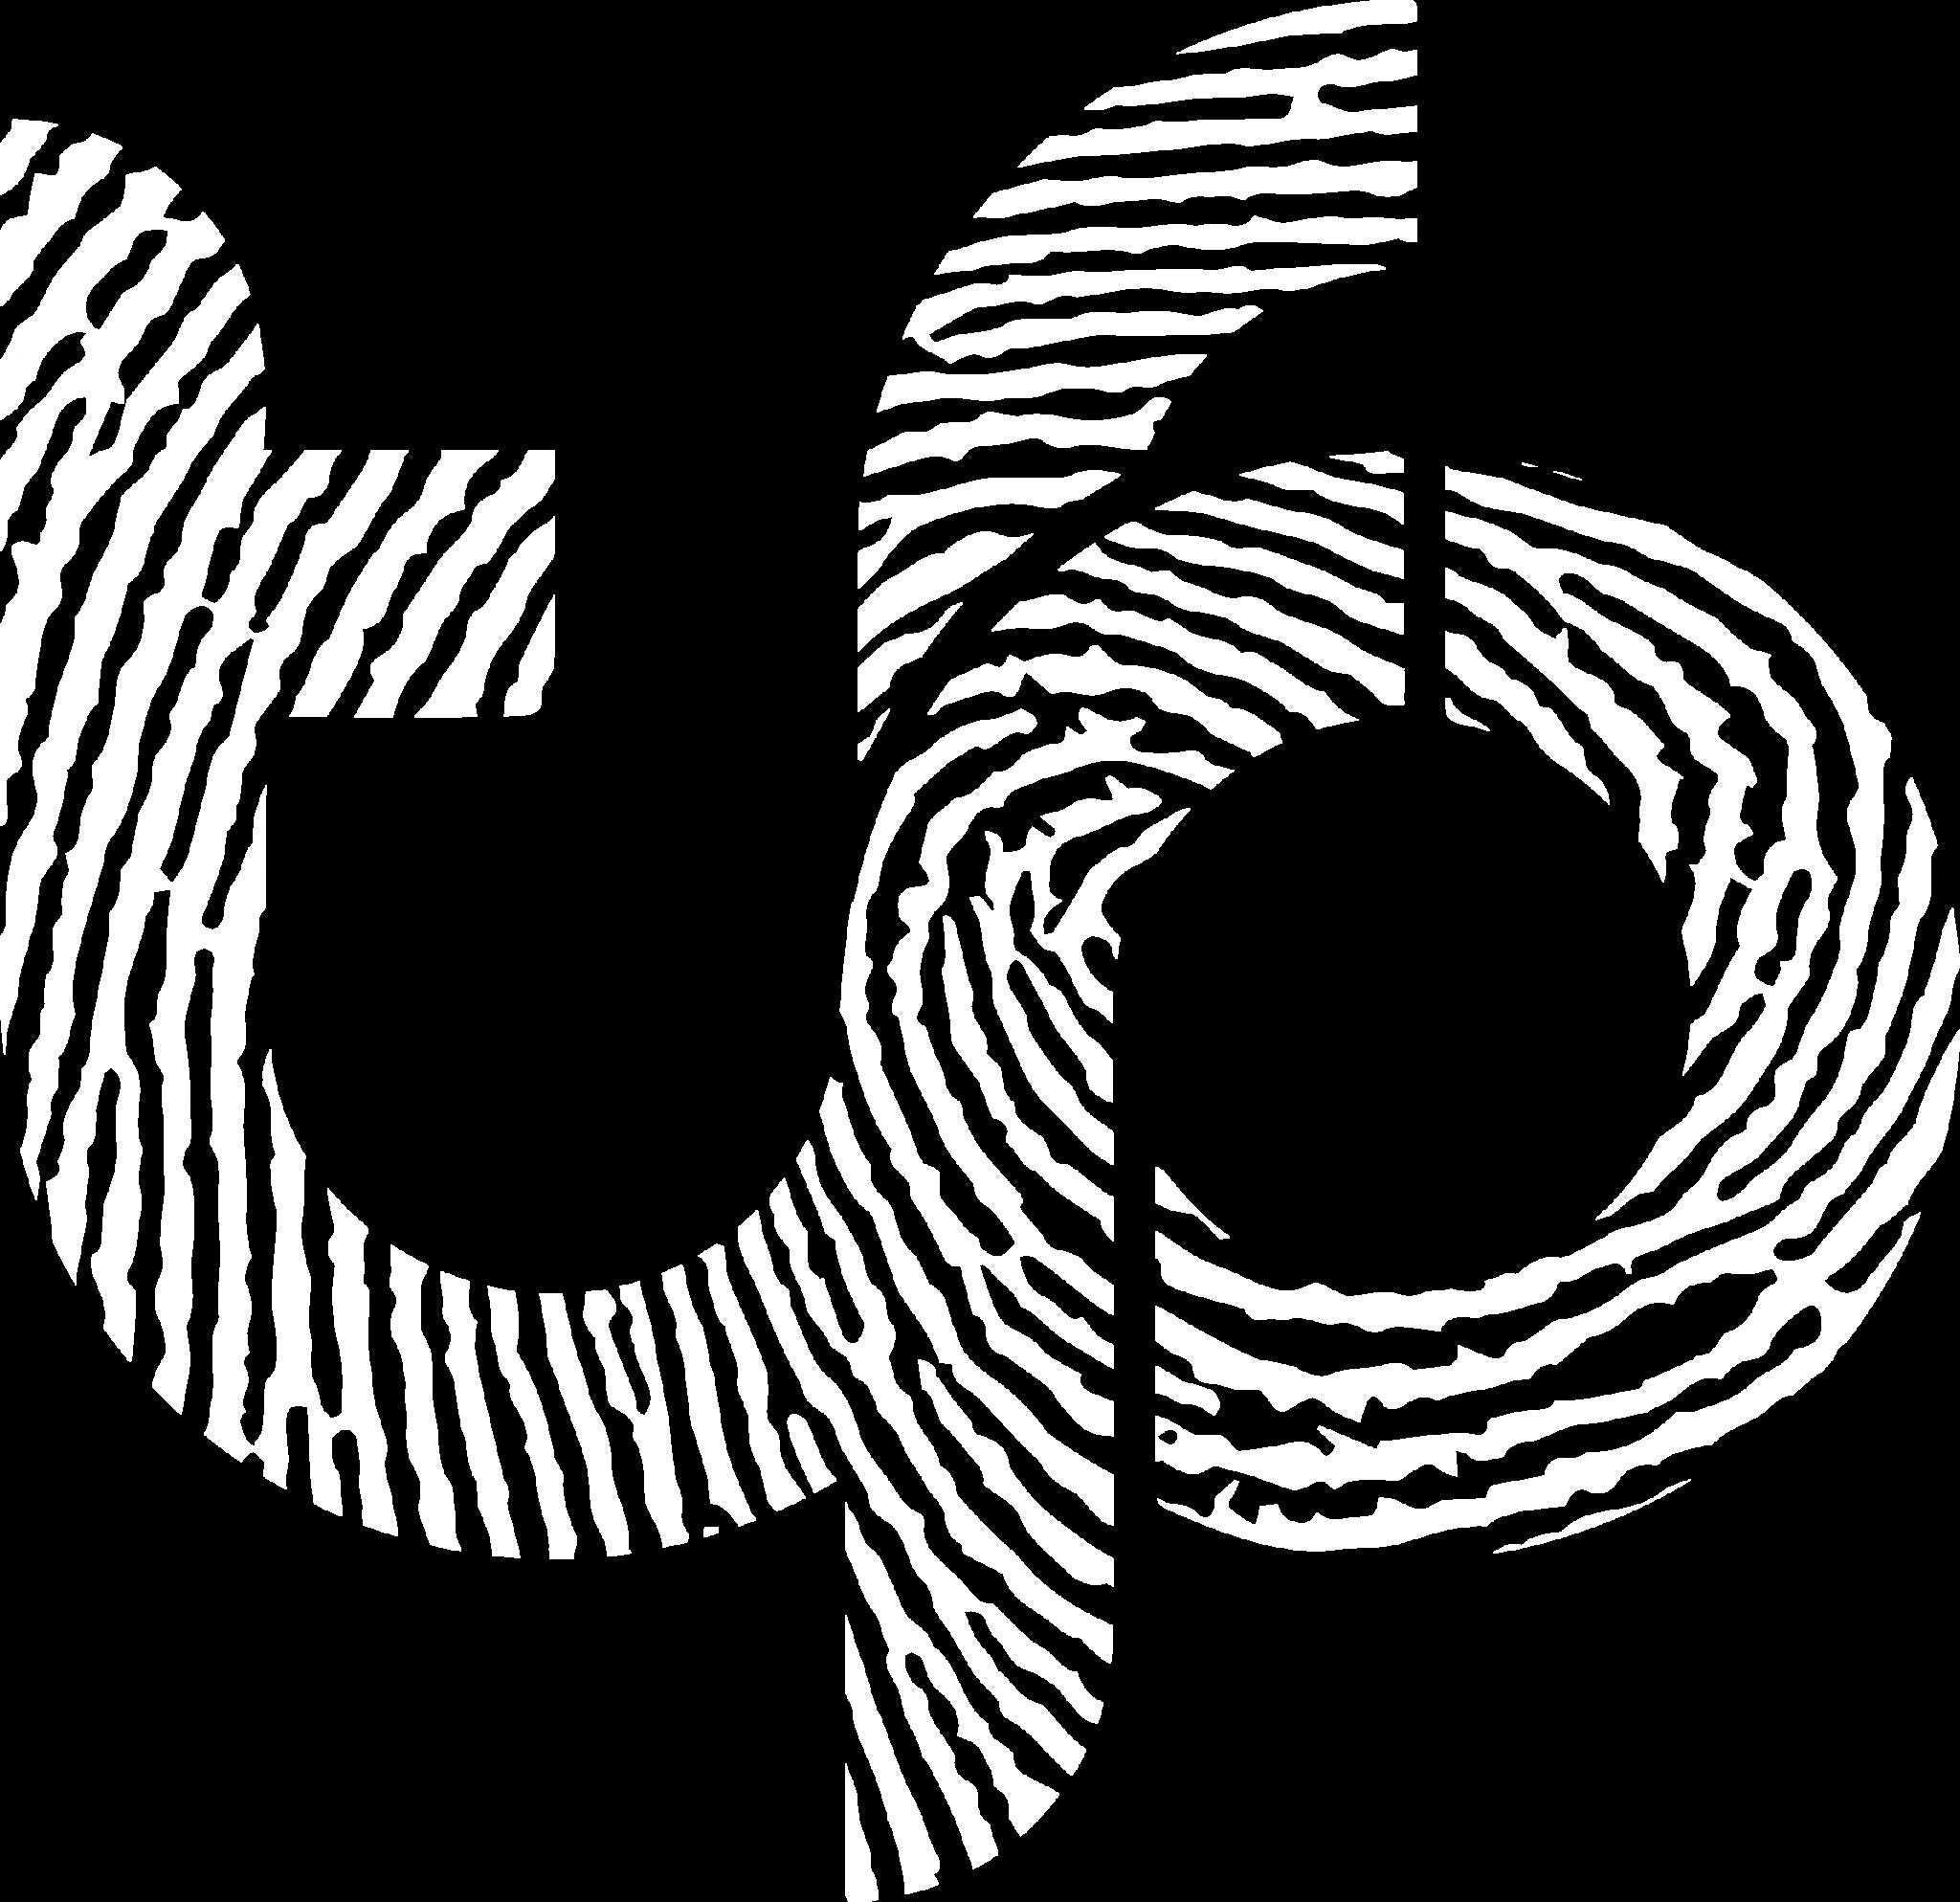 thefingerprint